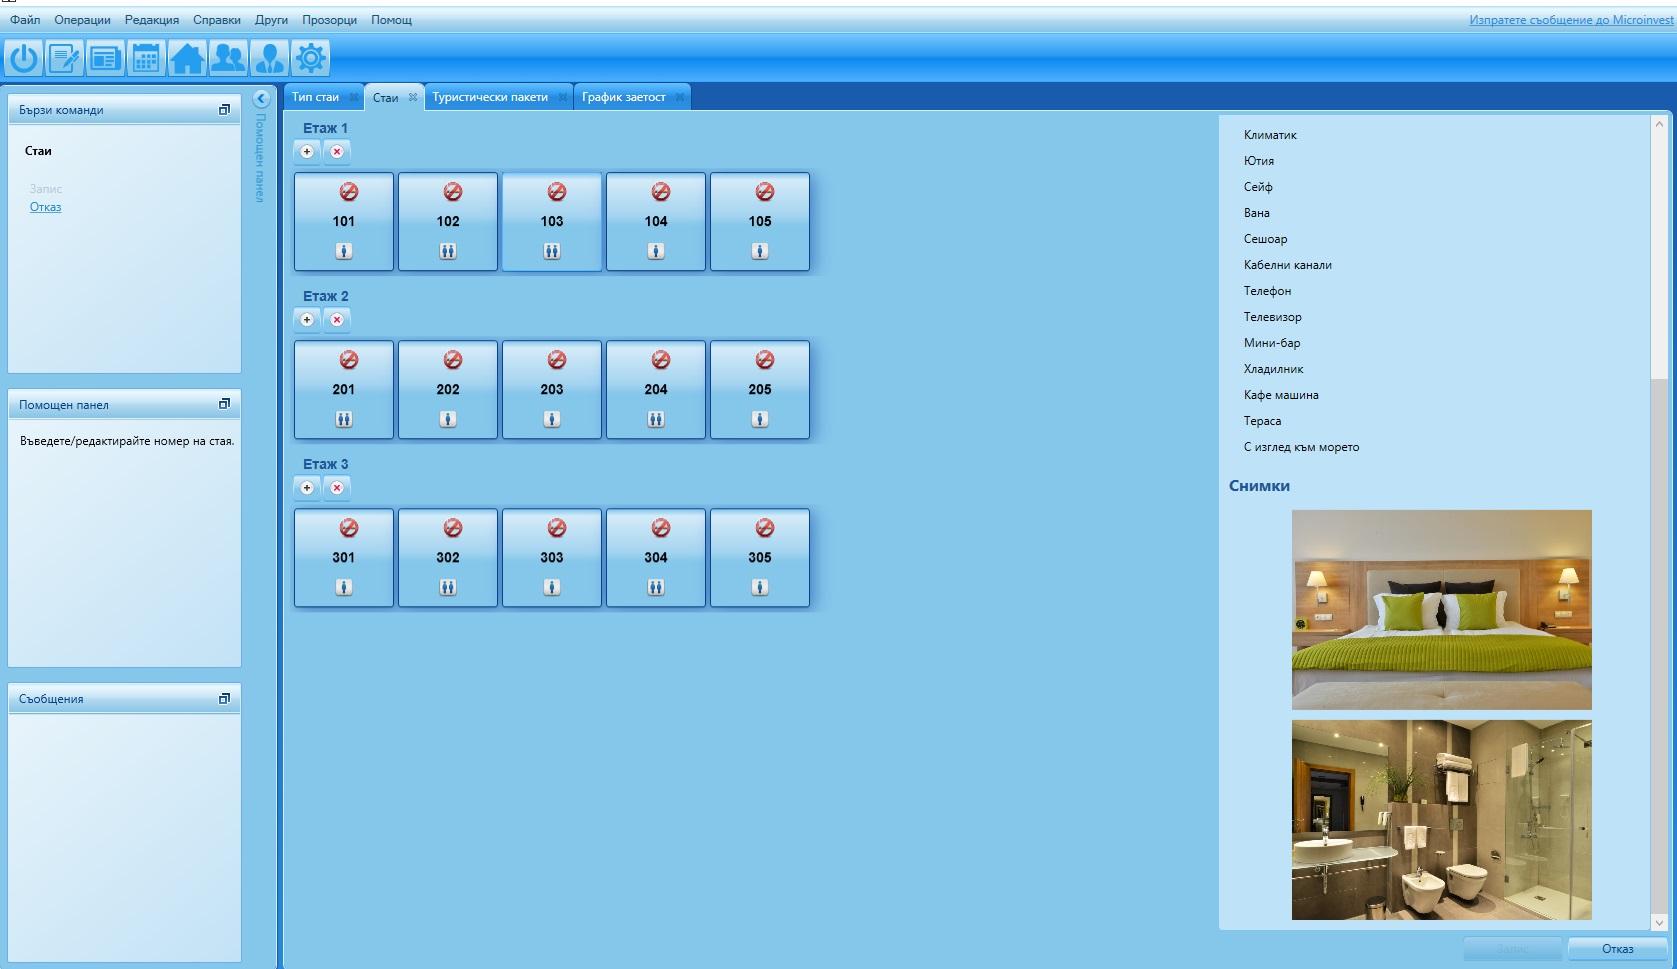 Система за управление на хотели